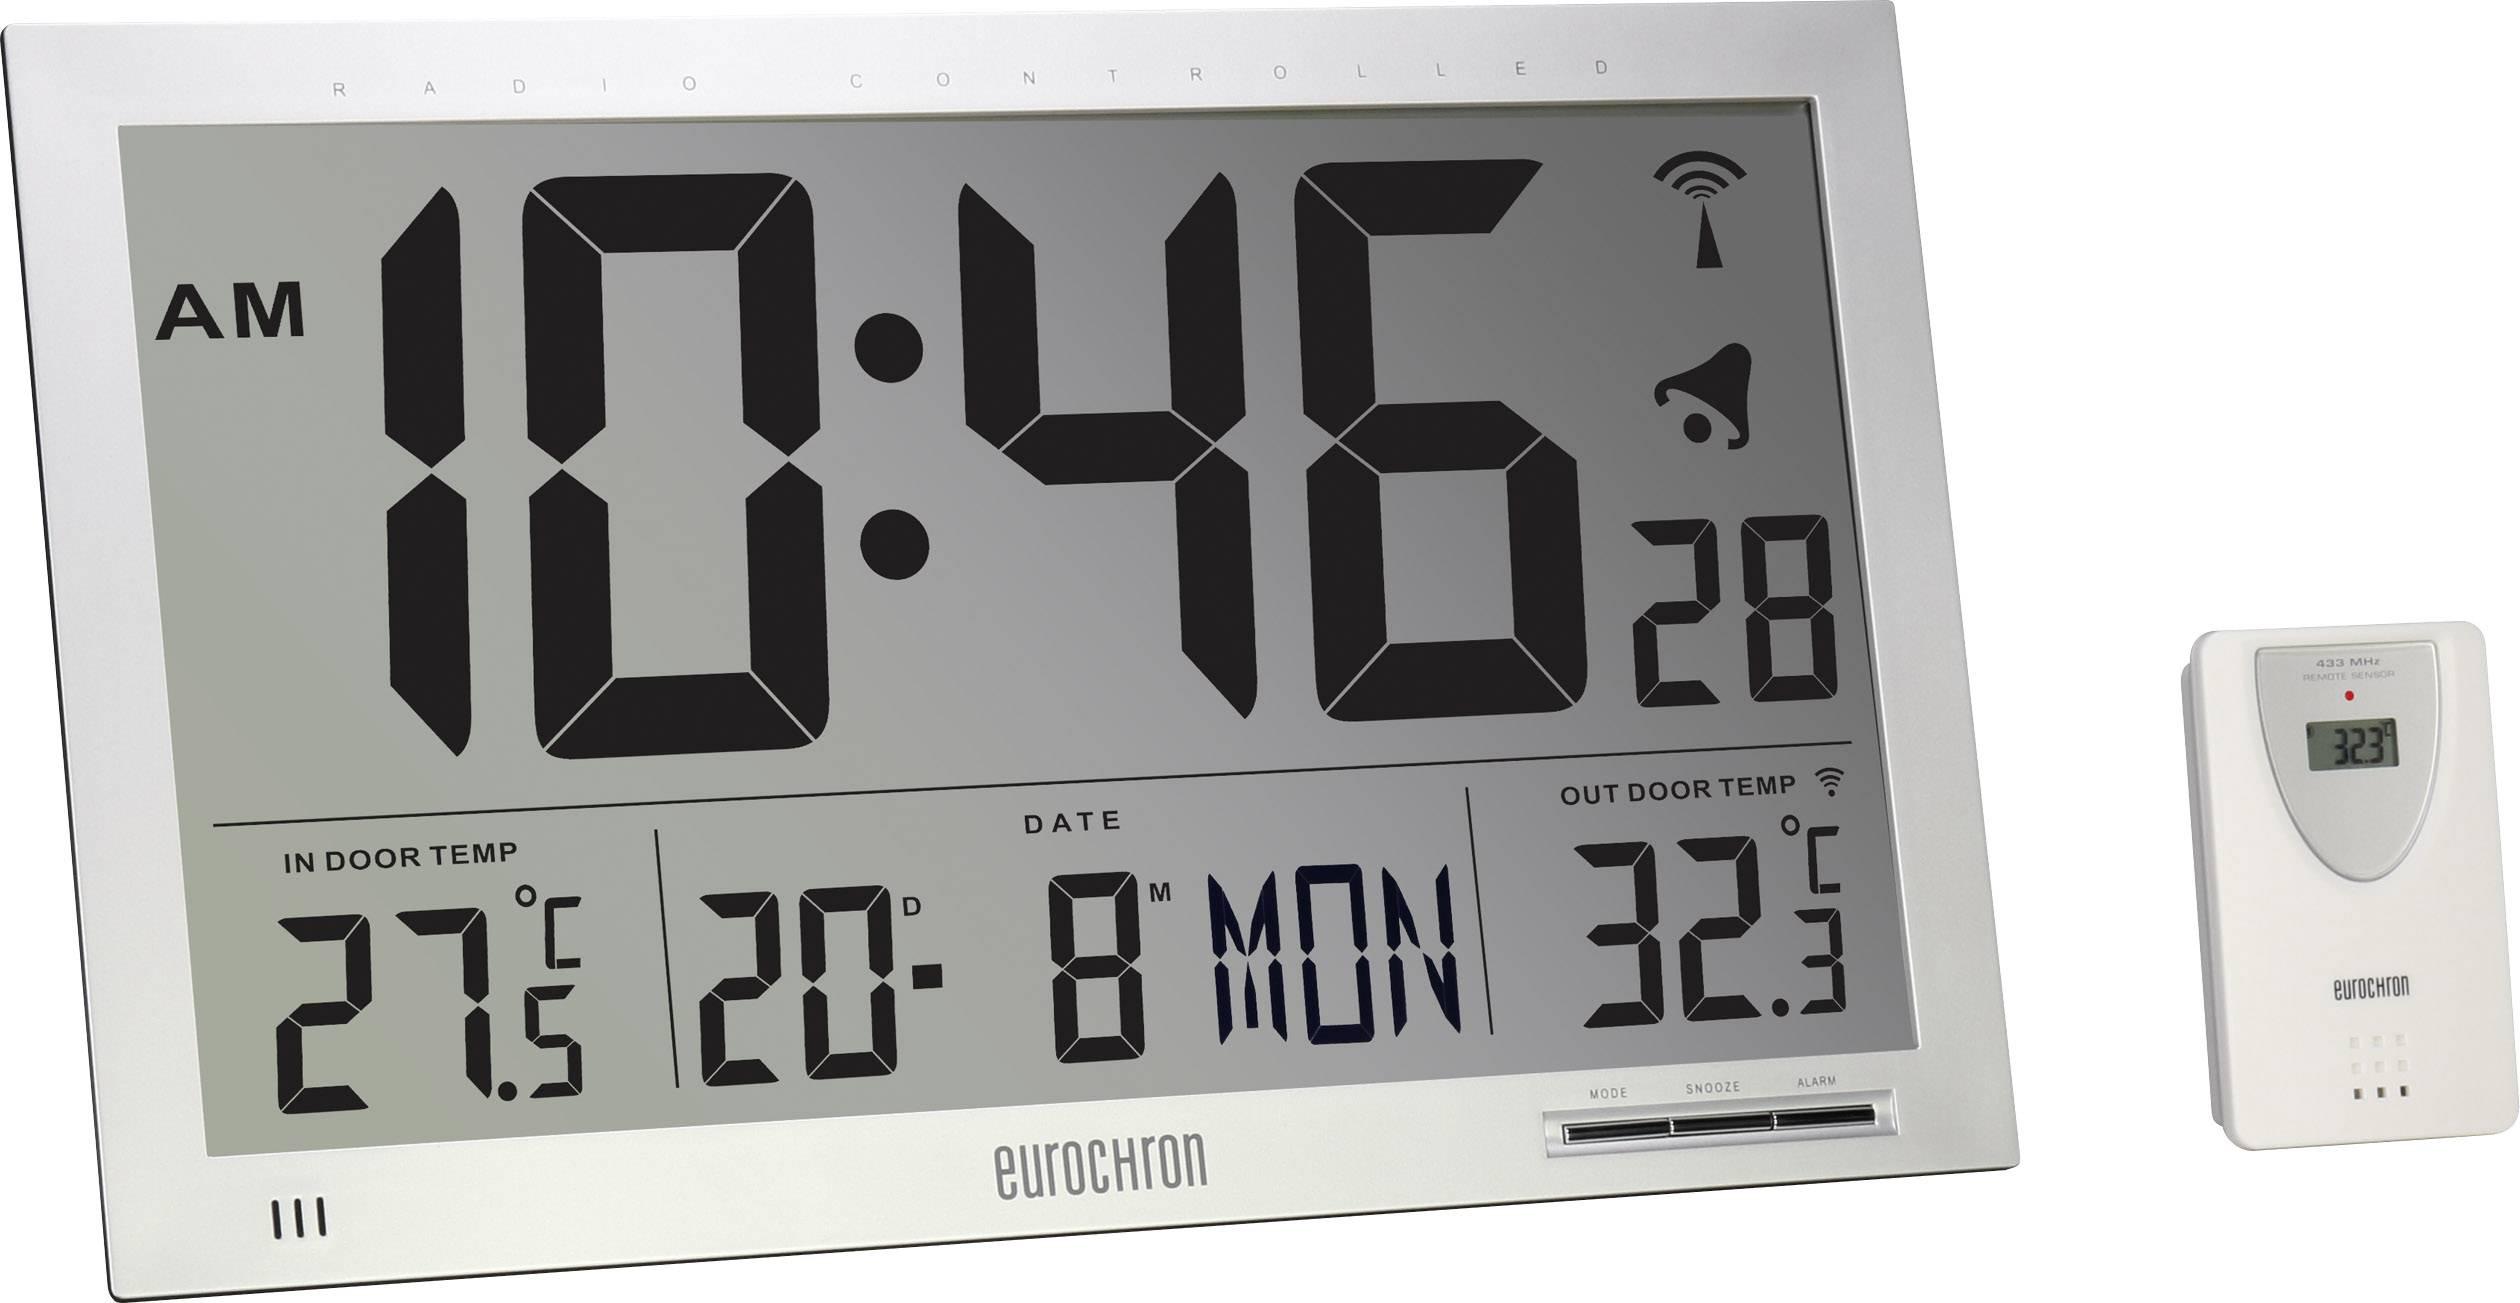 eurochron jumbo  Eurochron EFWU Jumbo 102 Radio Wall clock 370 mm x 230 mm x 30 ...